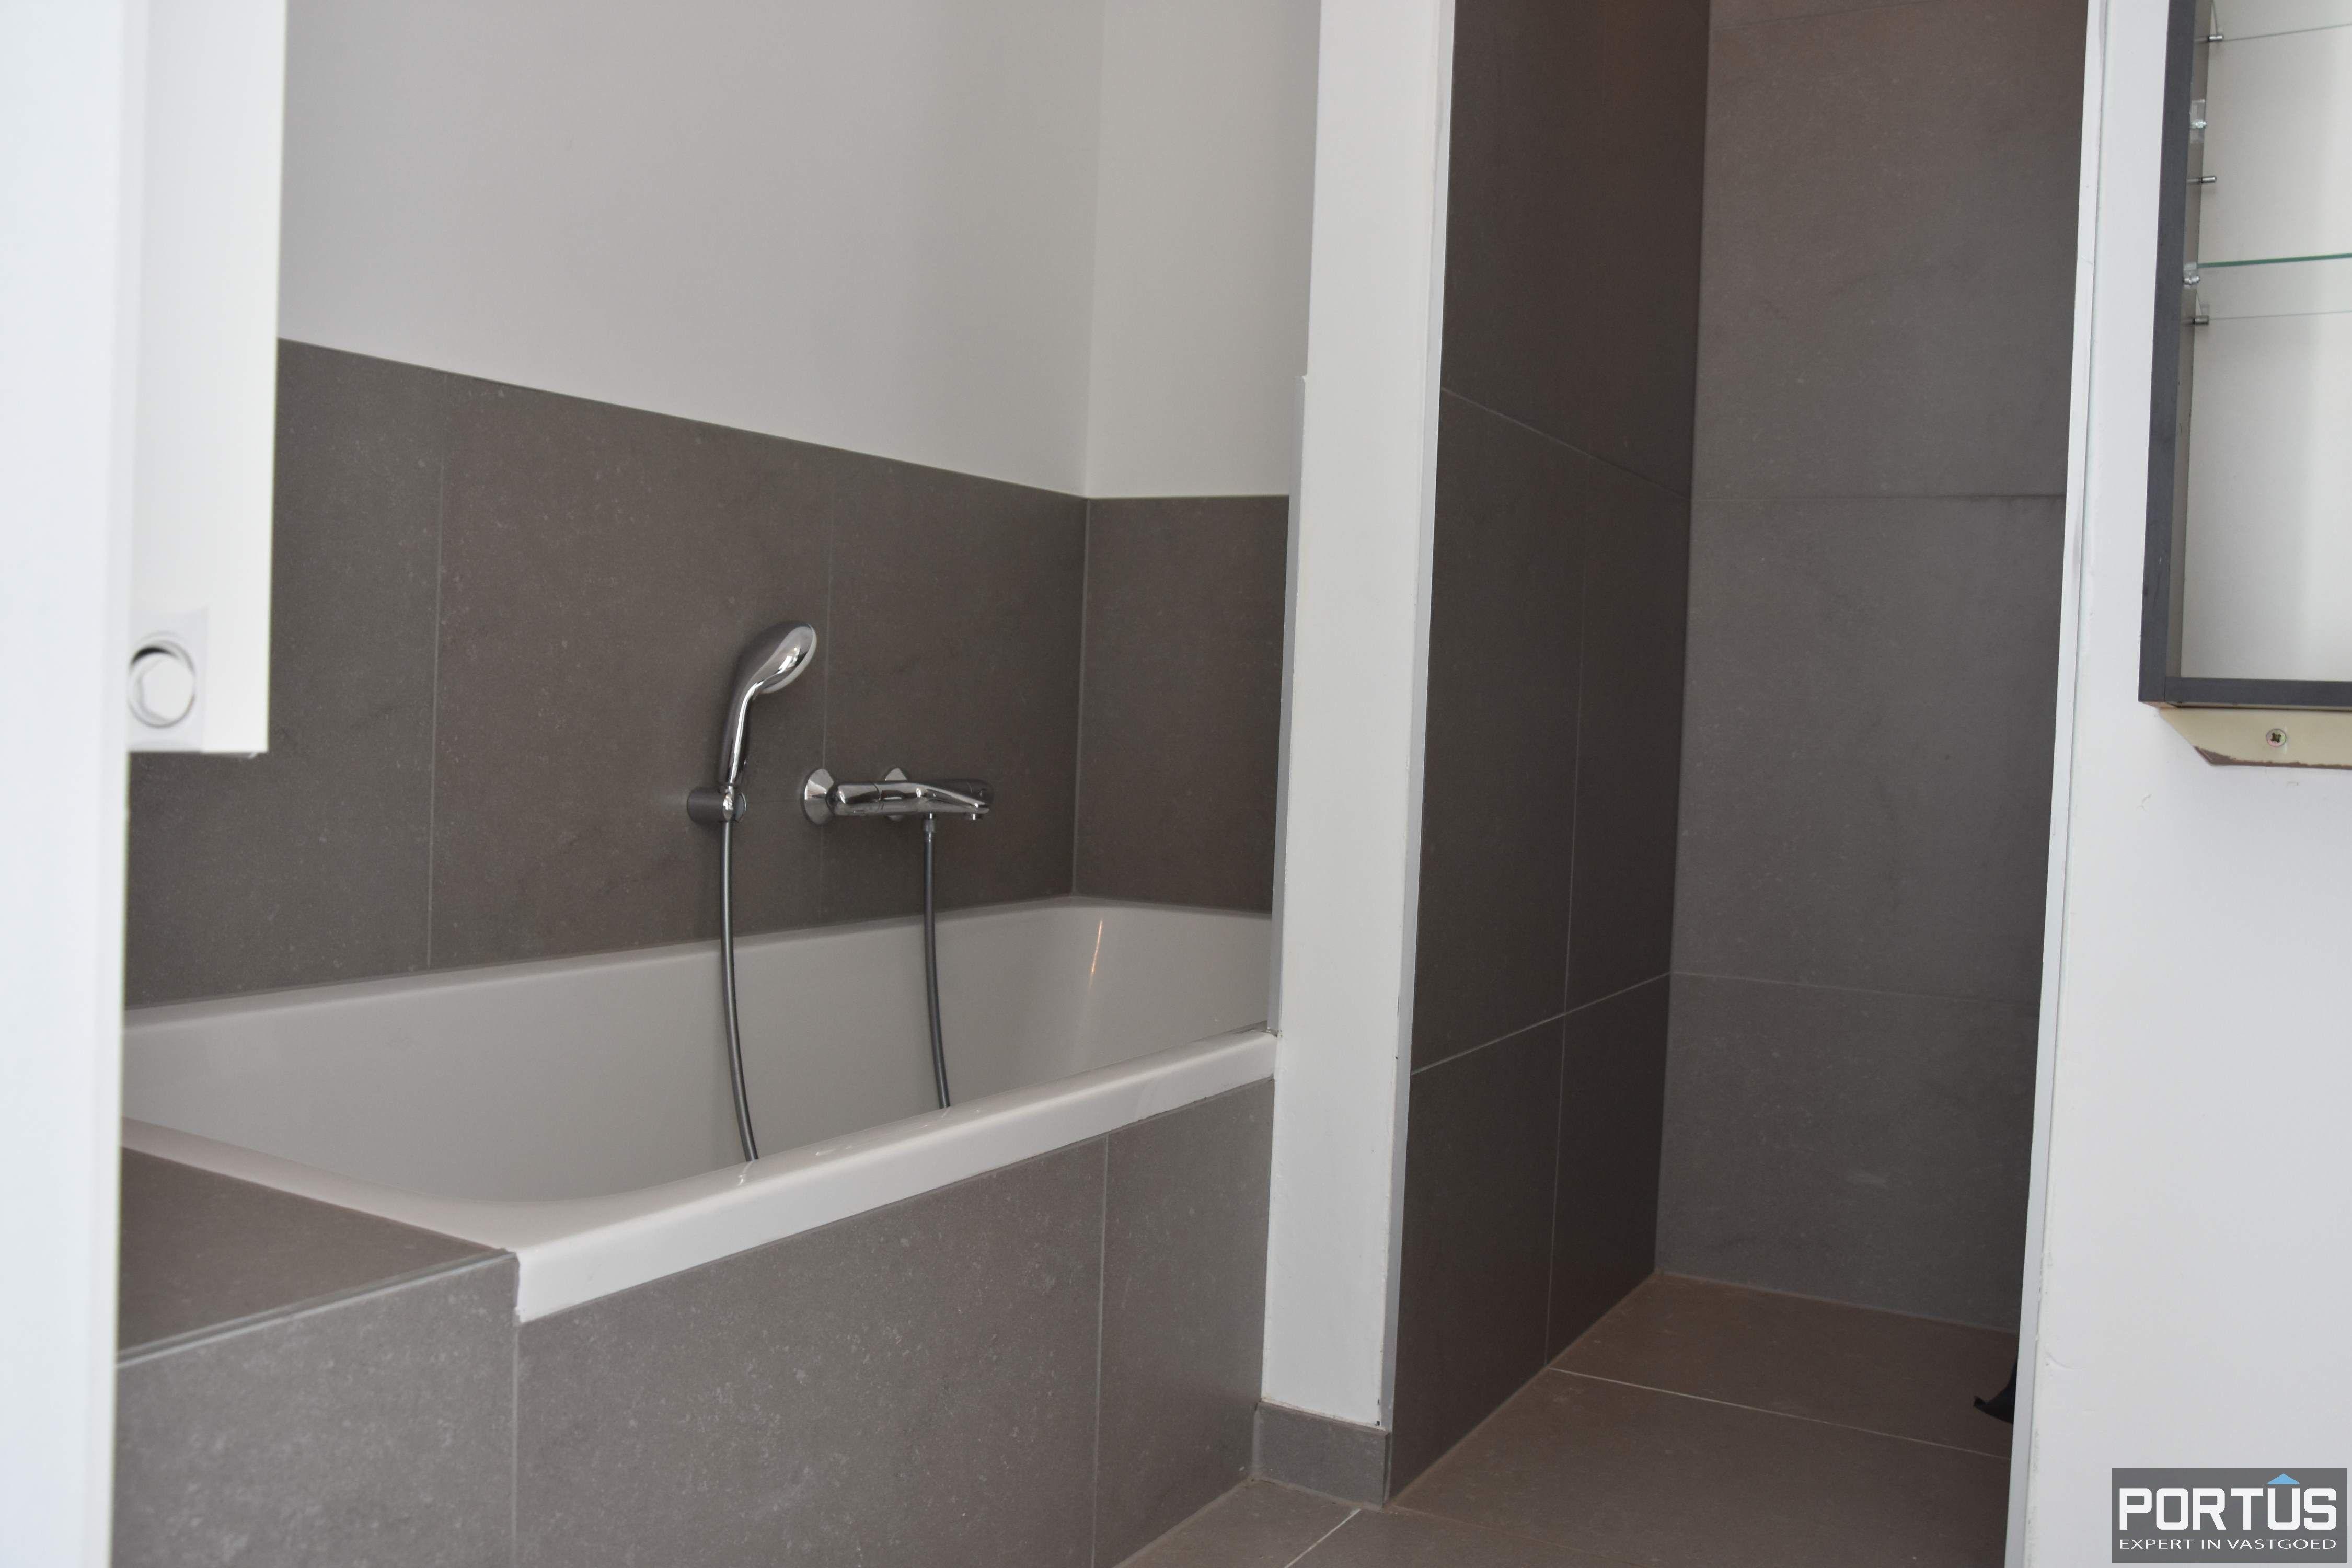 Recent appartement te huur met 3 slaapkamers, kelderberging en parking - 13800